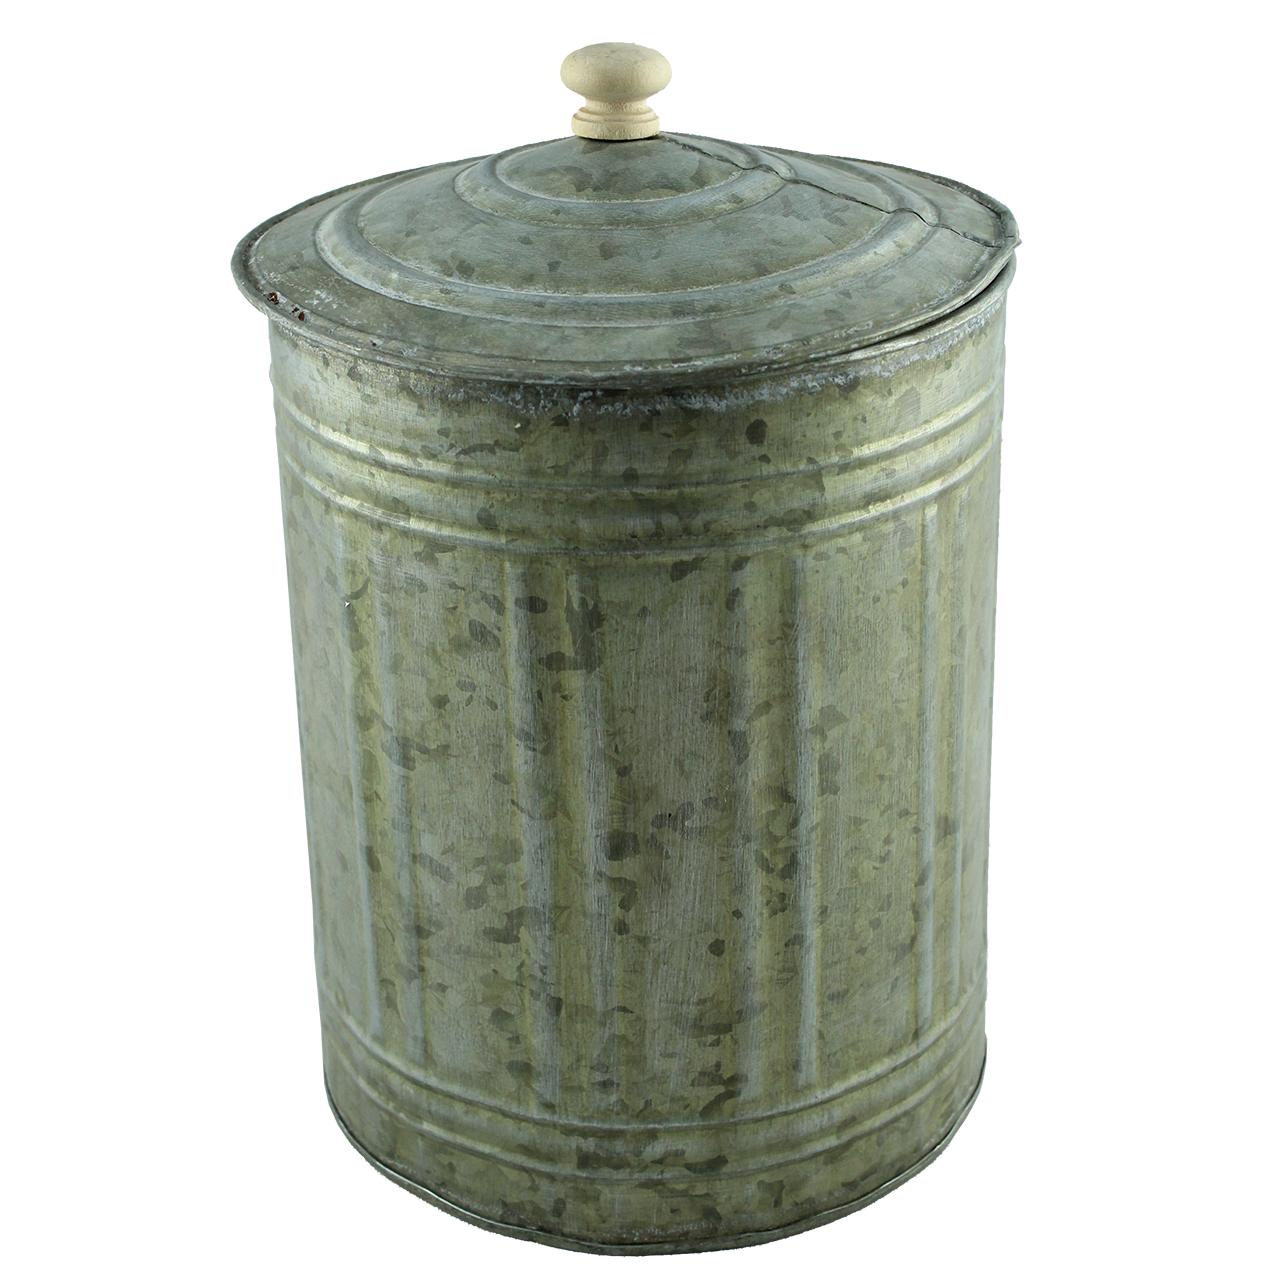 Vas Cu Capac De Metal Gri 15 Cm